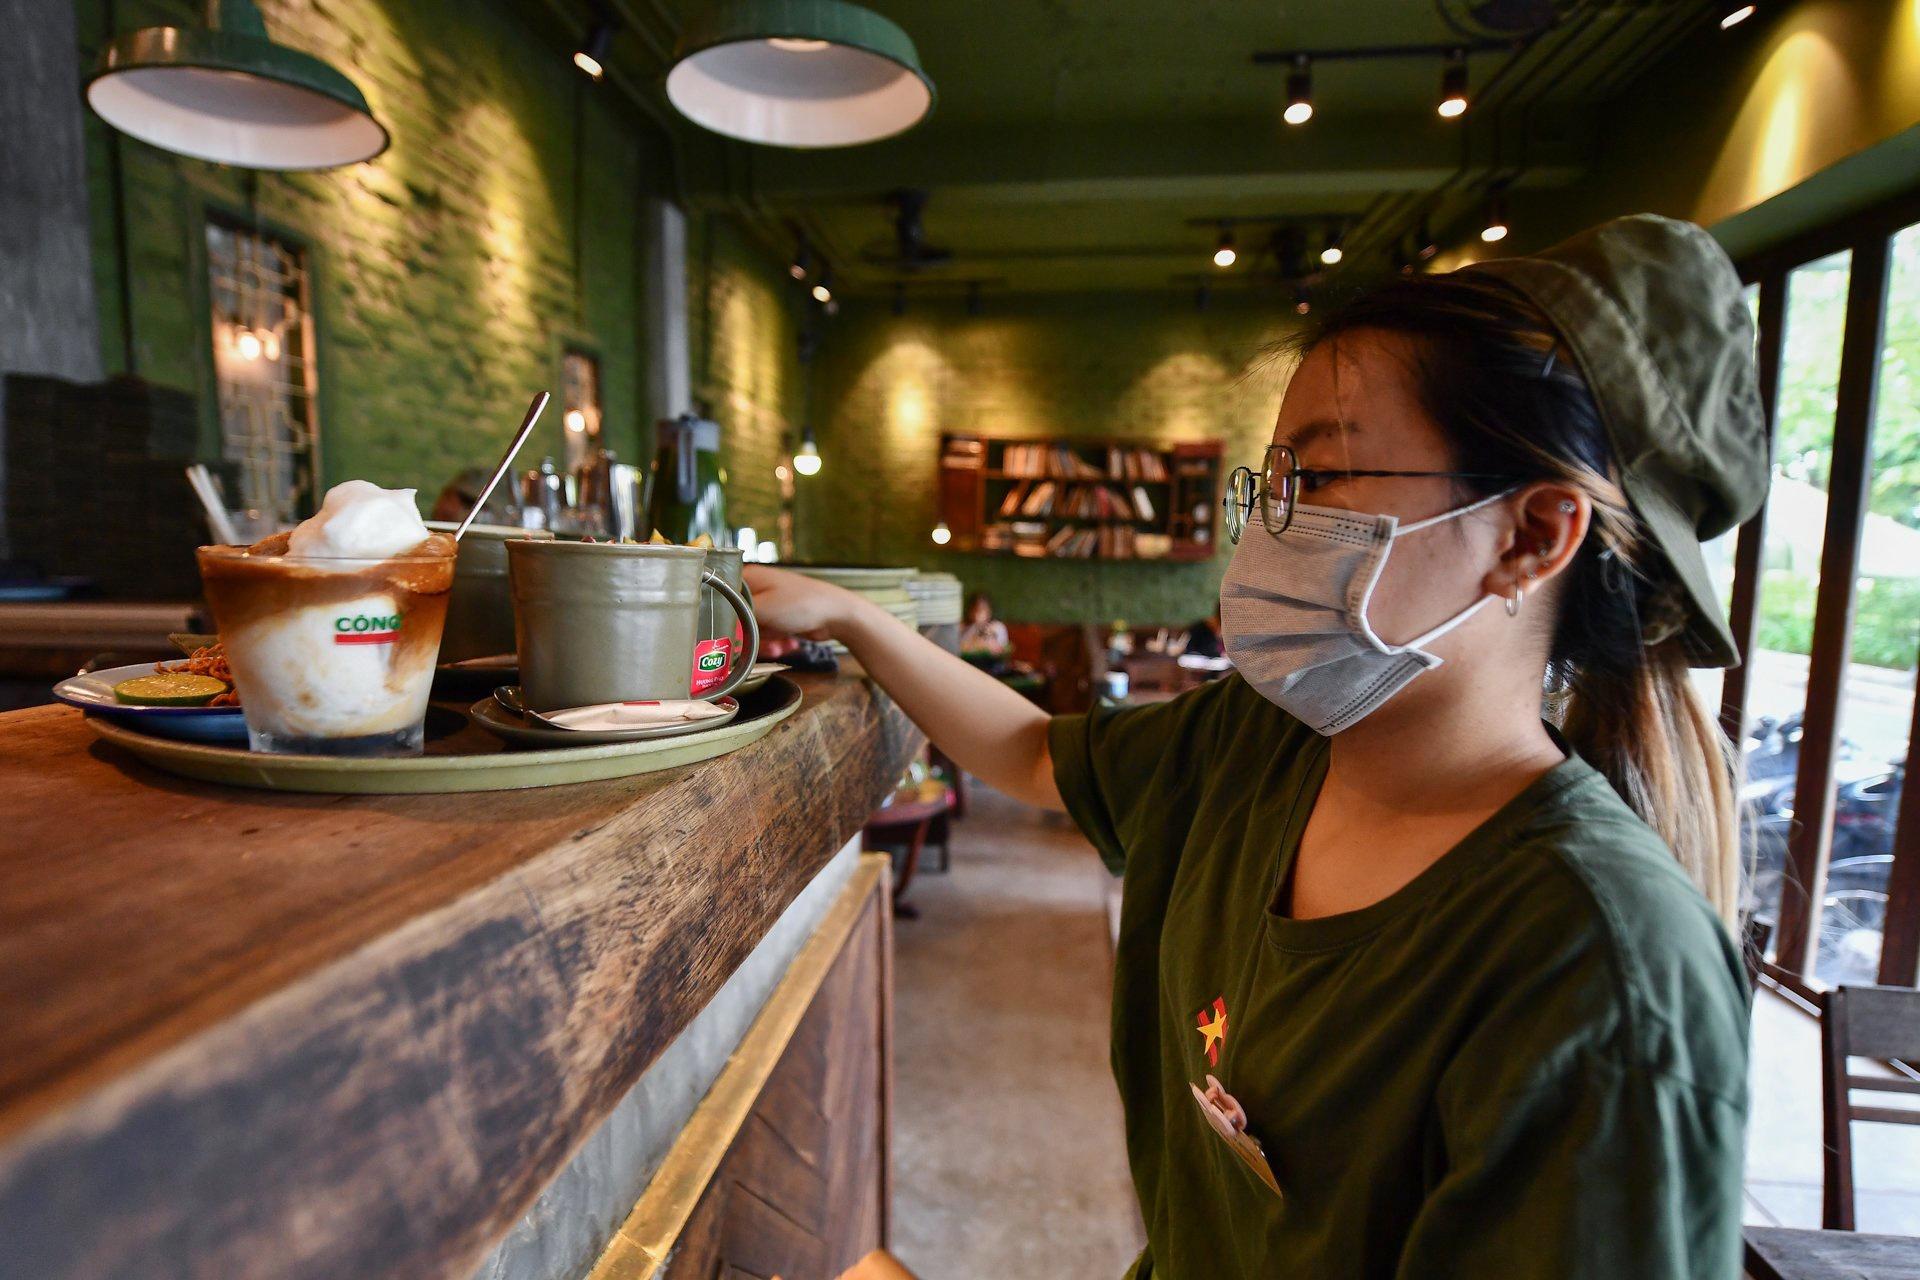 Quán cà phê ở Hà Nội đông nghịt khách ngày mở bán tại chỗ - Ảnh 6.